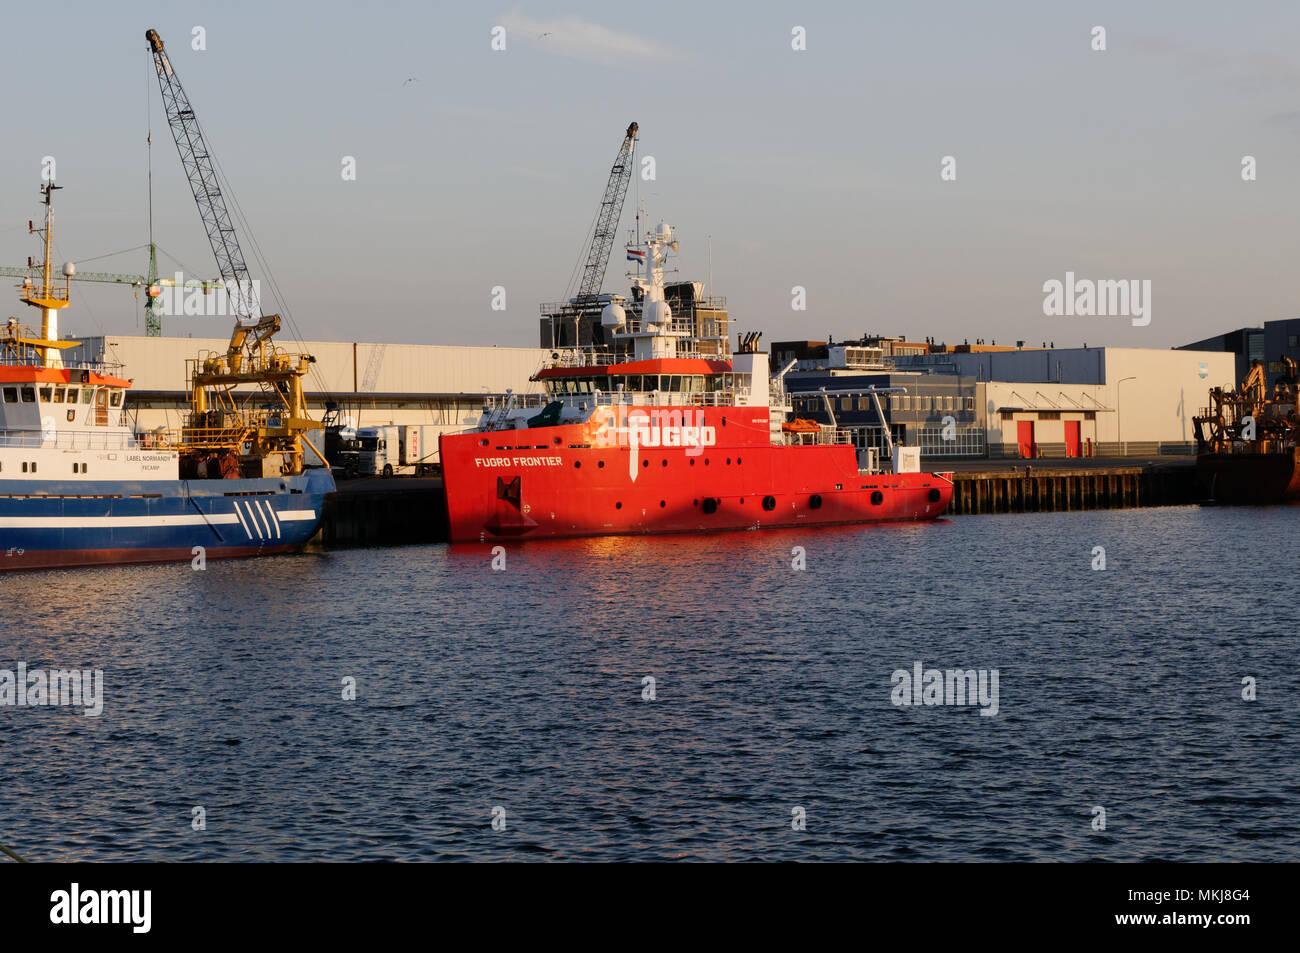 The survey vessel Fugro Frontier seen in Scheveningen, Netherlands - Stock Image